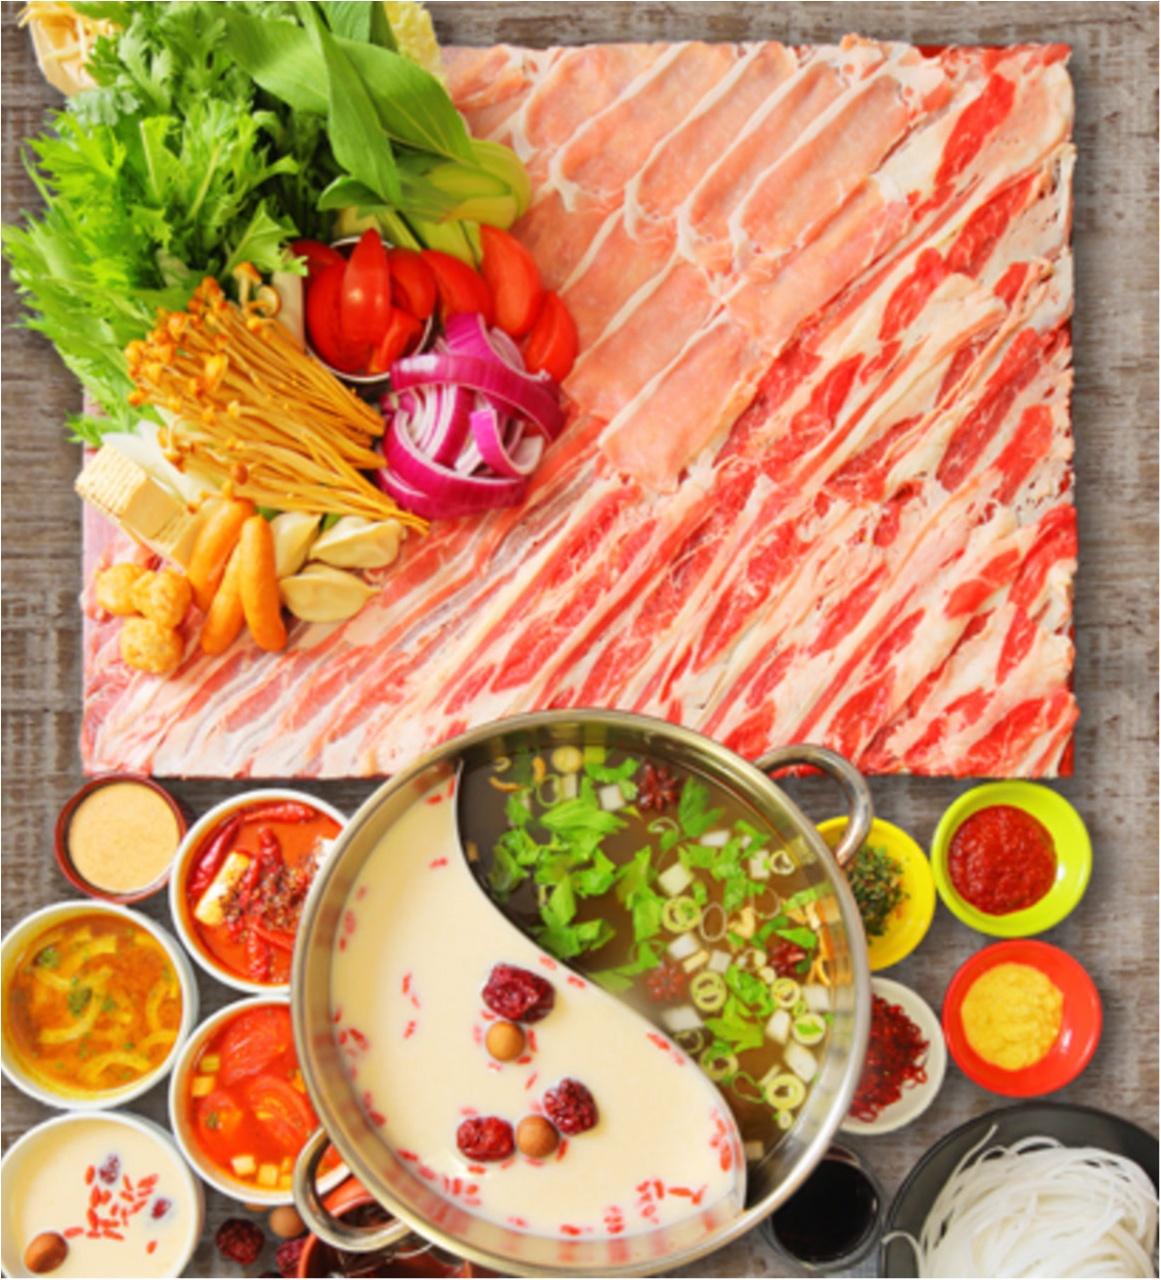 そろそろお鍋の季節♡ ハワイで大人気のスープが選べる「ホットポット」を『アロハテーブル』へ食べに行こう!【2/28(水)まで】_1